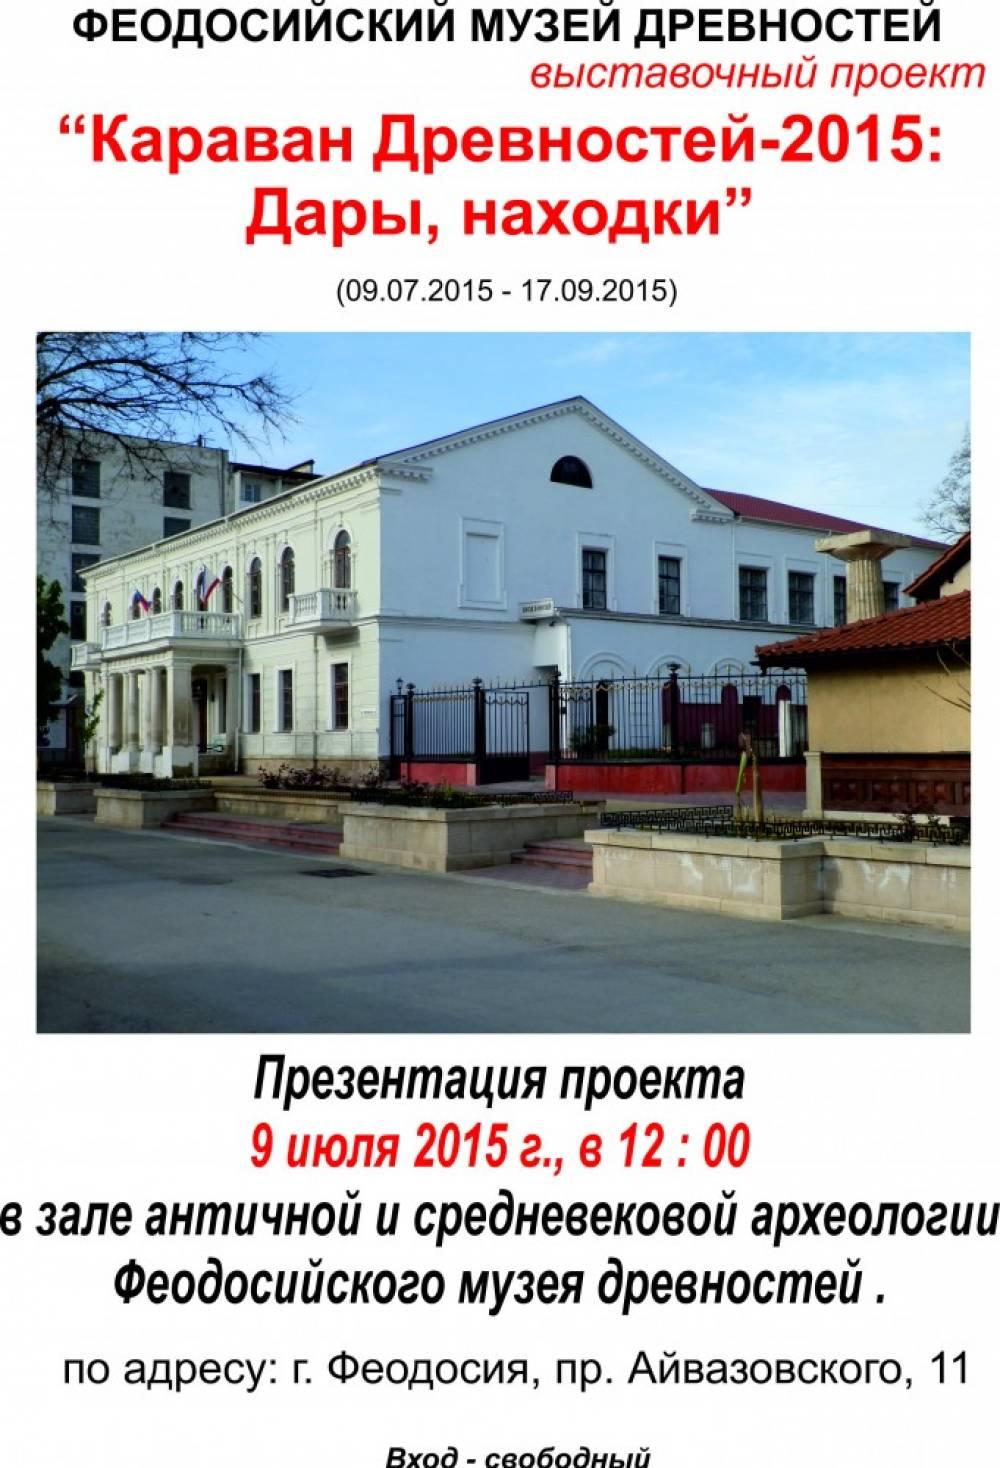 Феодосийский музей древностей Выставочный проект «Караван древностей – 2015: Дары, находки»